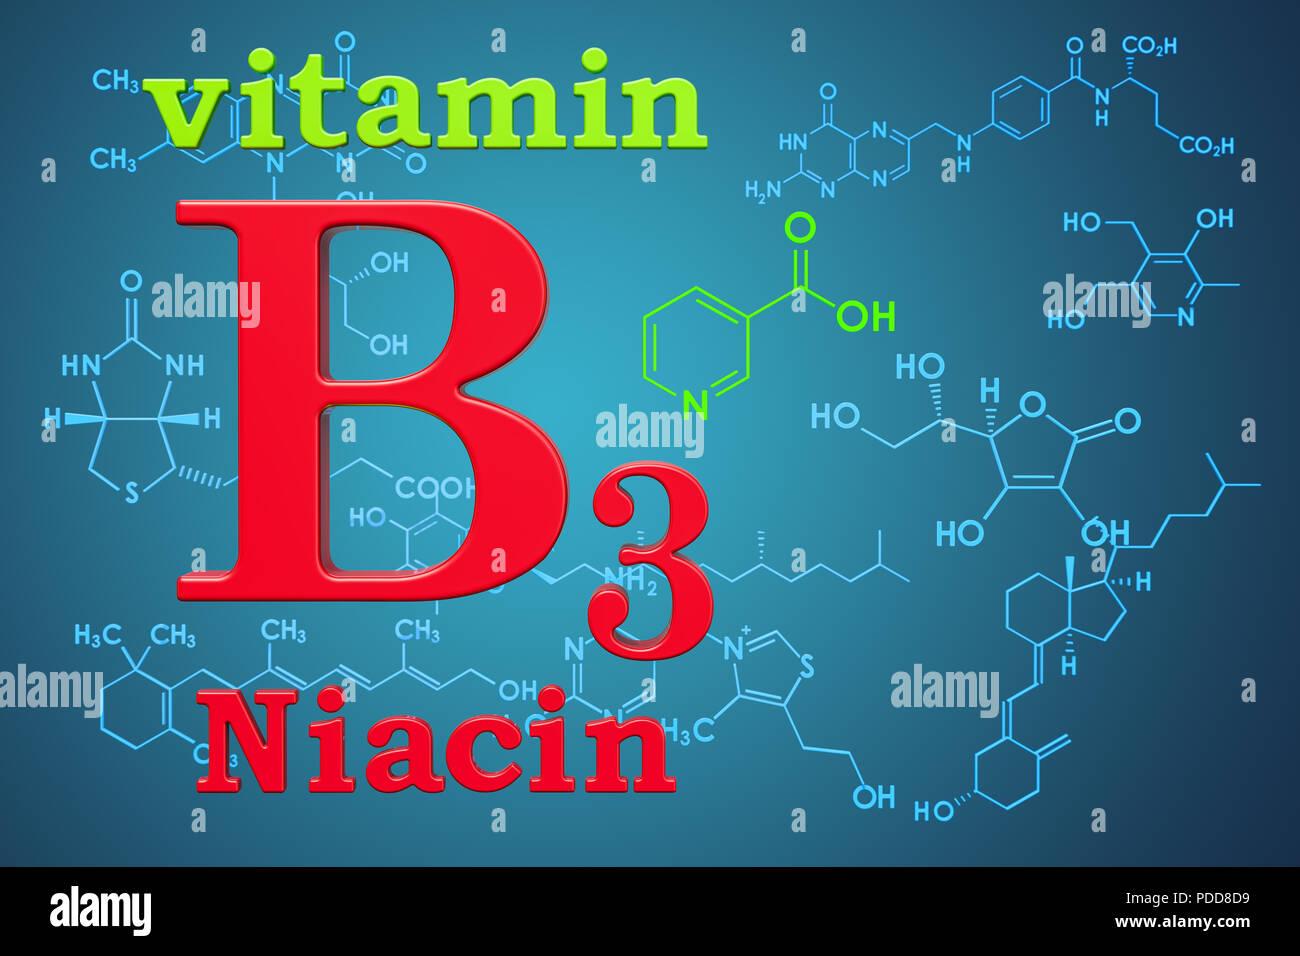 La Vitamina B3 Niacina Fórmula Química Estructura